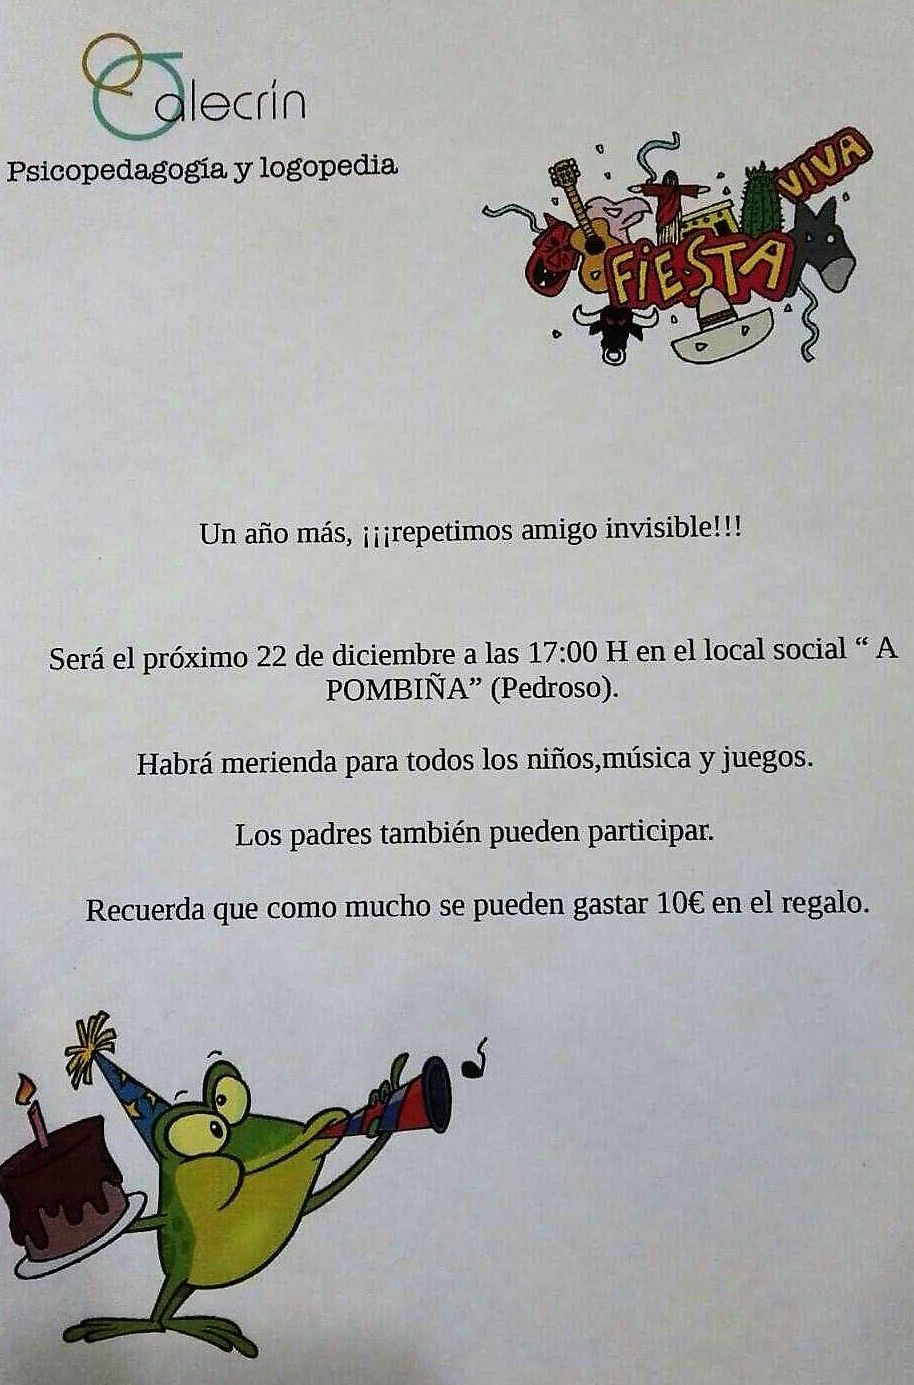 ¡VUELVE EL AMIGO INVISIBLE!